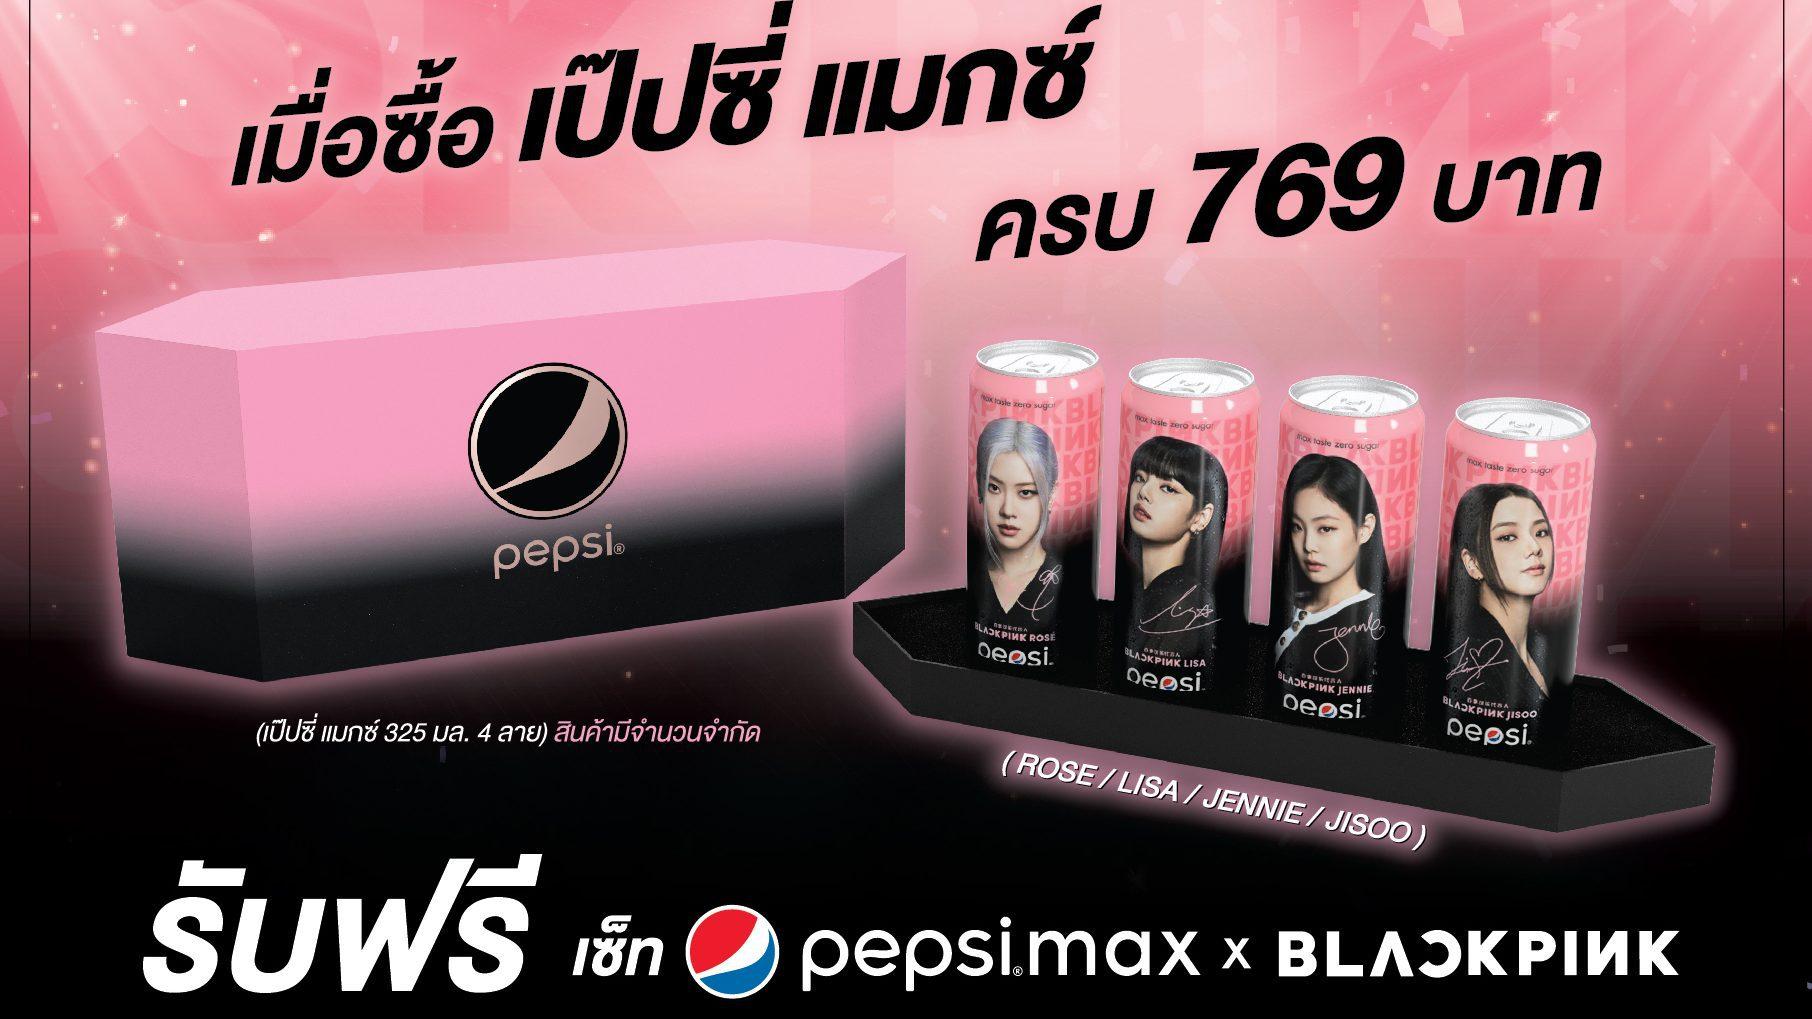 เป๊ปซี่ ระเบิดพลังความซ่าความฟินด้วยเอ็กซ์คลูซีฟบ็อกซ์เซ็ท Pepsi Max x BLACKPINK เฉพาะในไทย ให้คุณเป็นเจ้าของก่อนใคร 26 ธันวาคมนี้